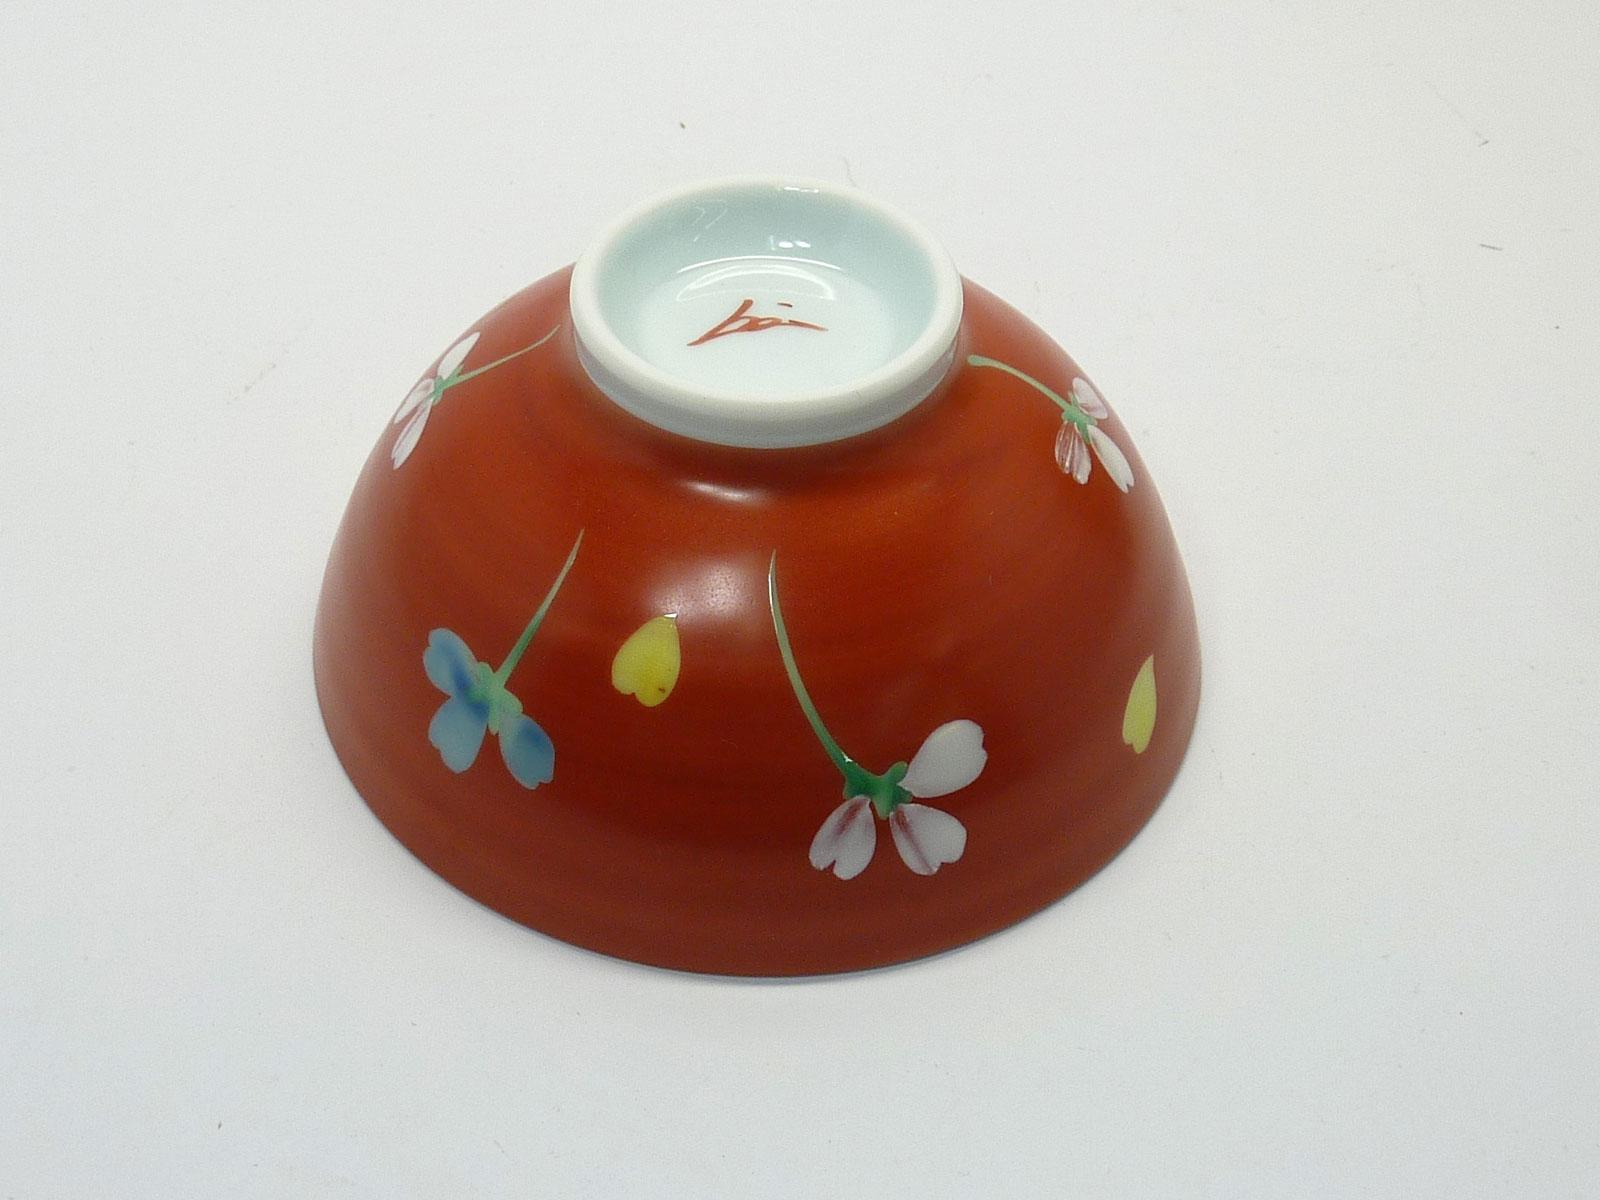 岐阜県多治見  蔵珍窯ご飯茶碗 250kcal朱巻花 碗